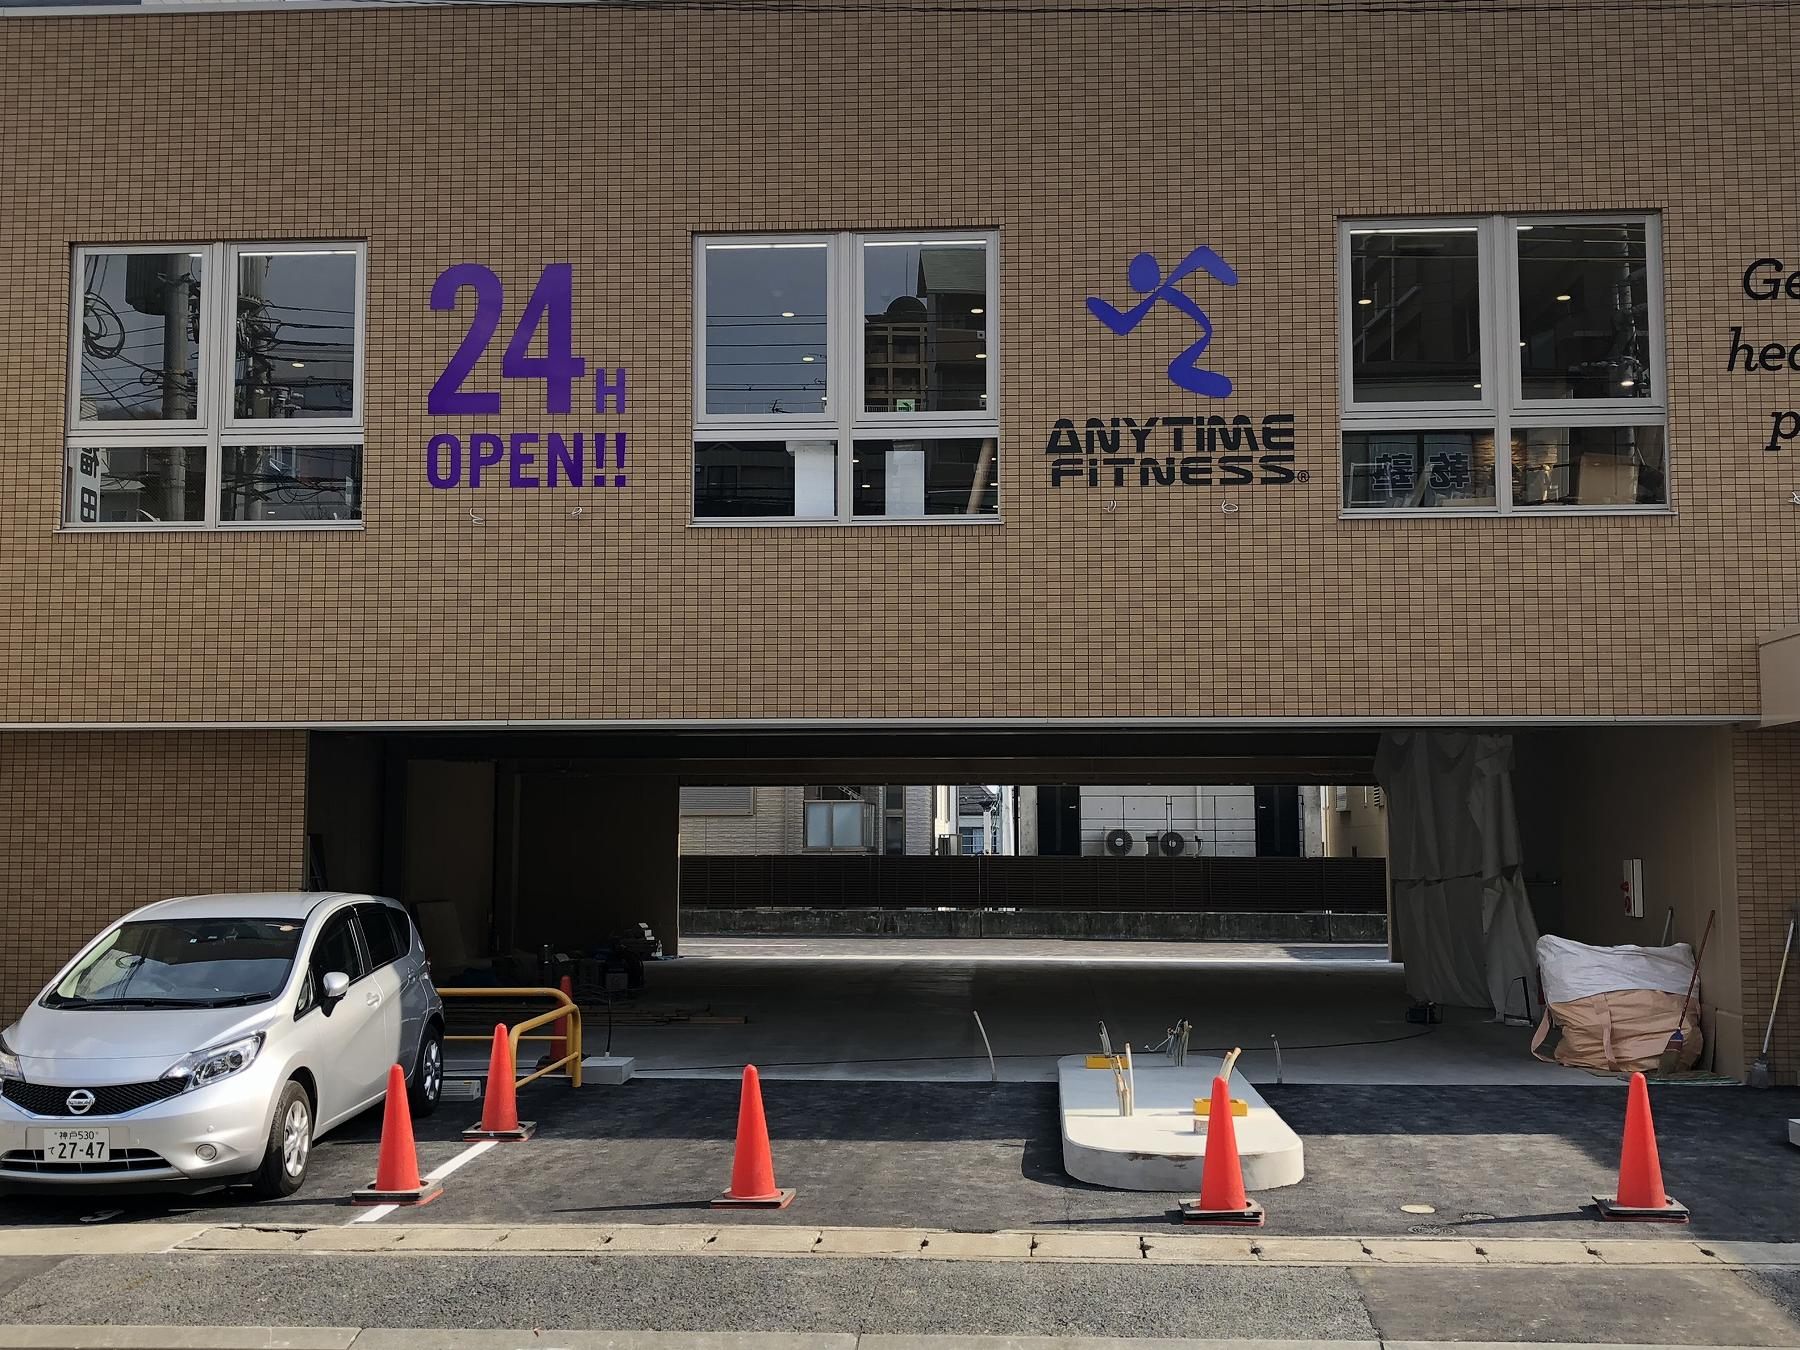 【※追加写真あり】JR摂津本山駅南すぐの場所に「 #エニタイムフィットネスセンター摂津本山店 」が2018年4月オープン予定だよ! #新規オープン #エニタイムフィットネス